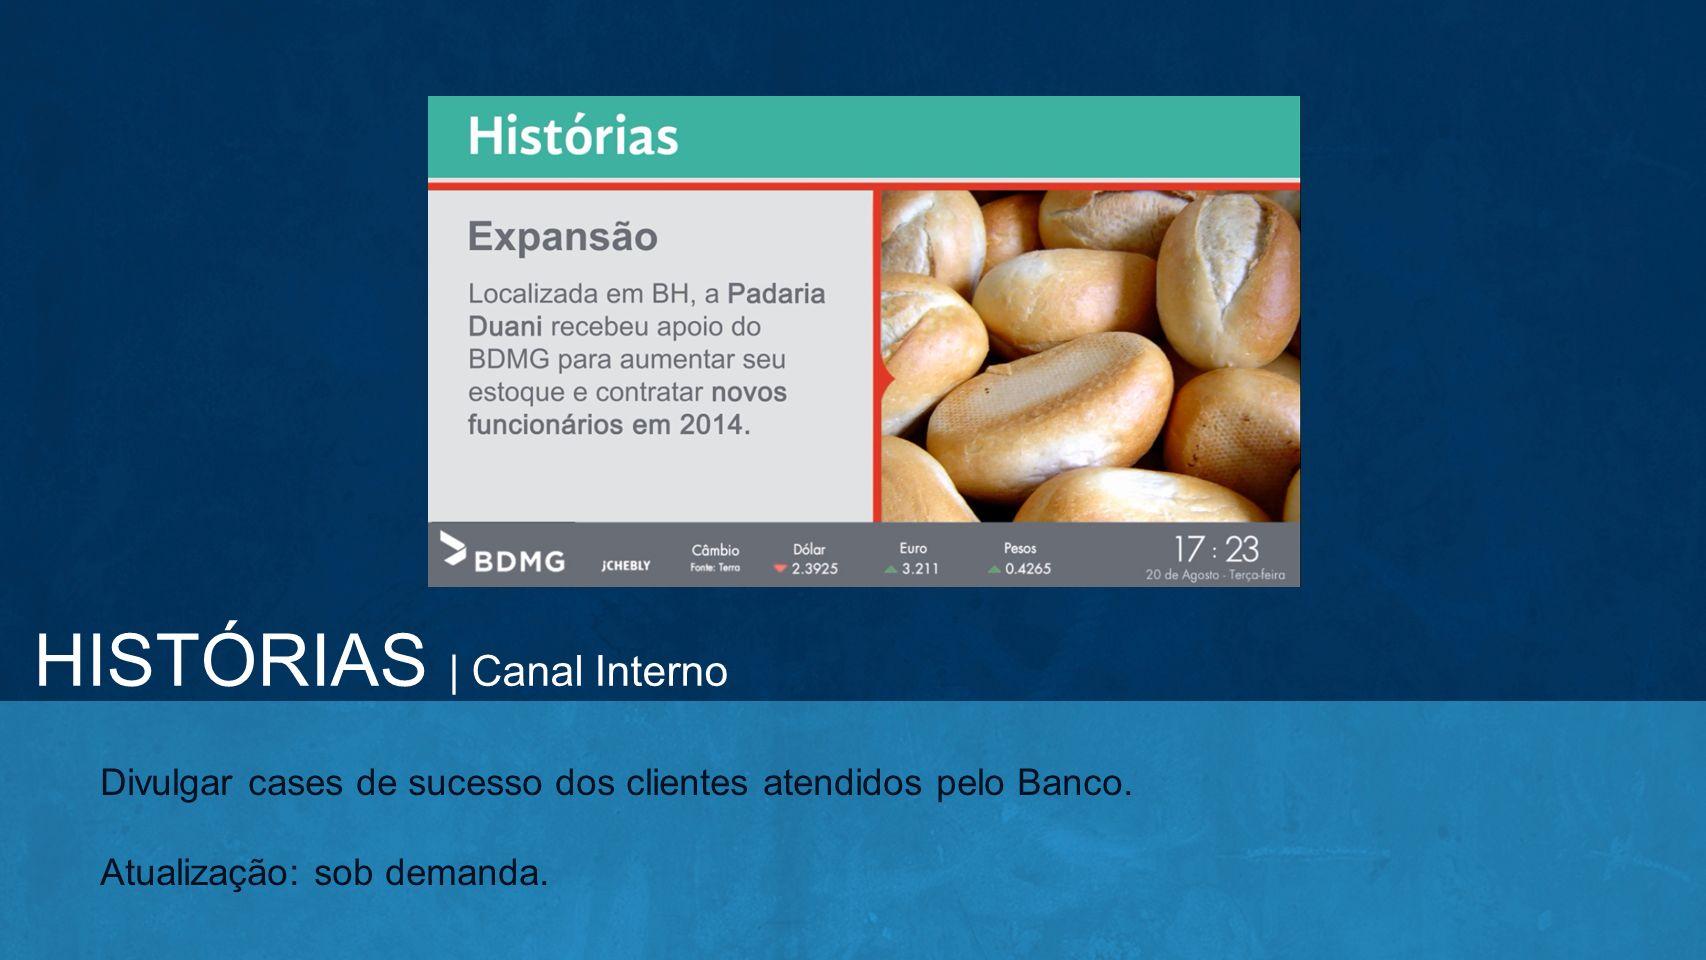 Divulgar cases de sucesso dos clientes atendidos pelo Banco. Atualização: sob demanda. HISTÓRIAS | Canal Interno